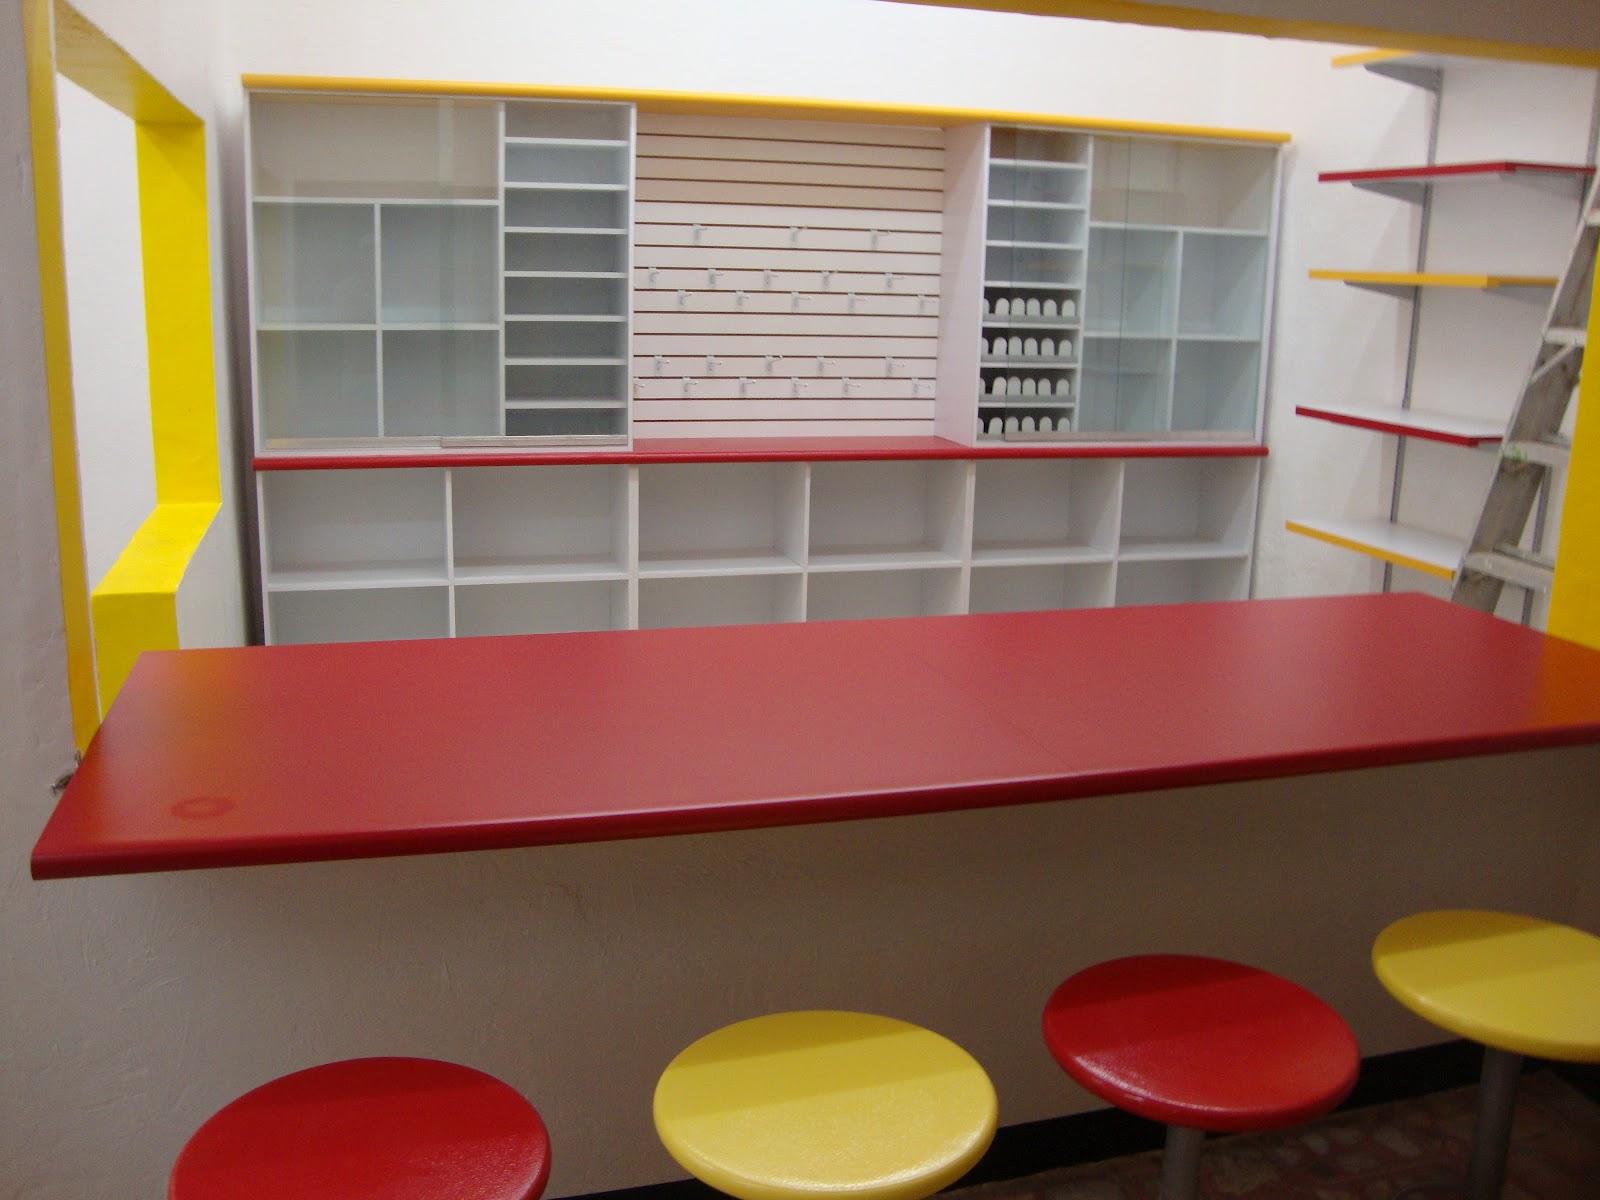 Muebles para tiendas minisupers muebles de oficina y for Muebles para negocio